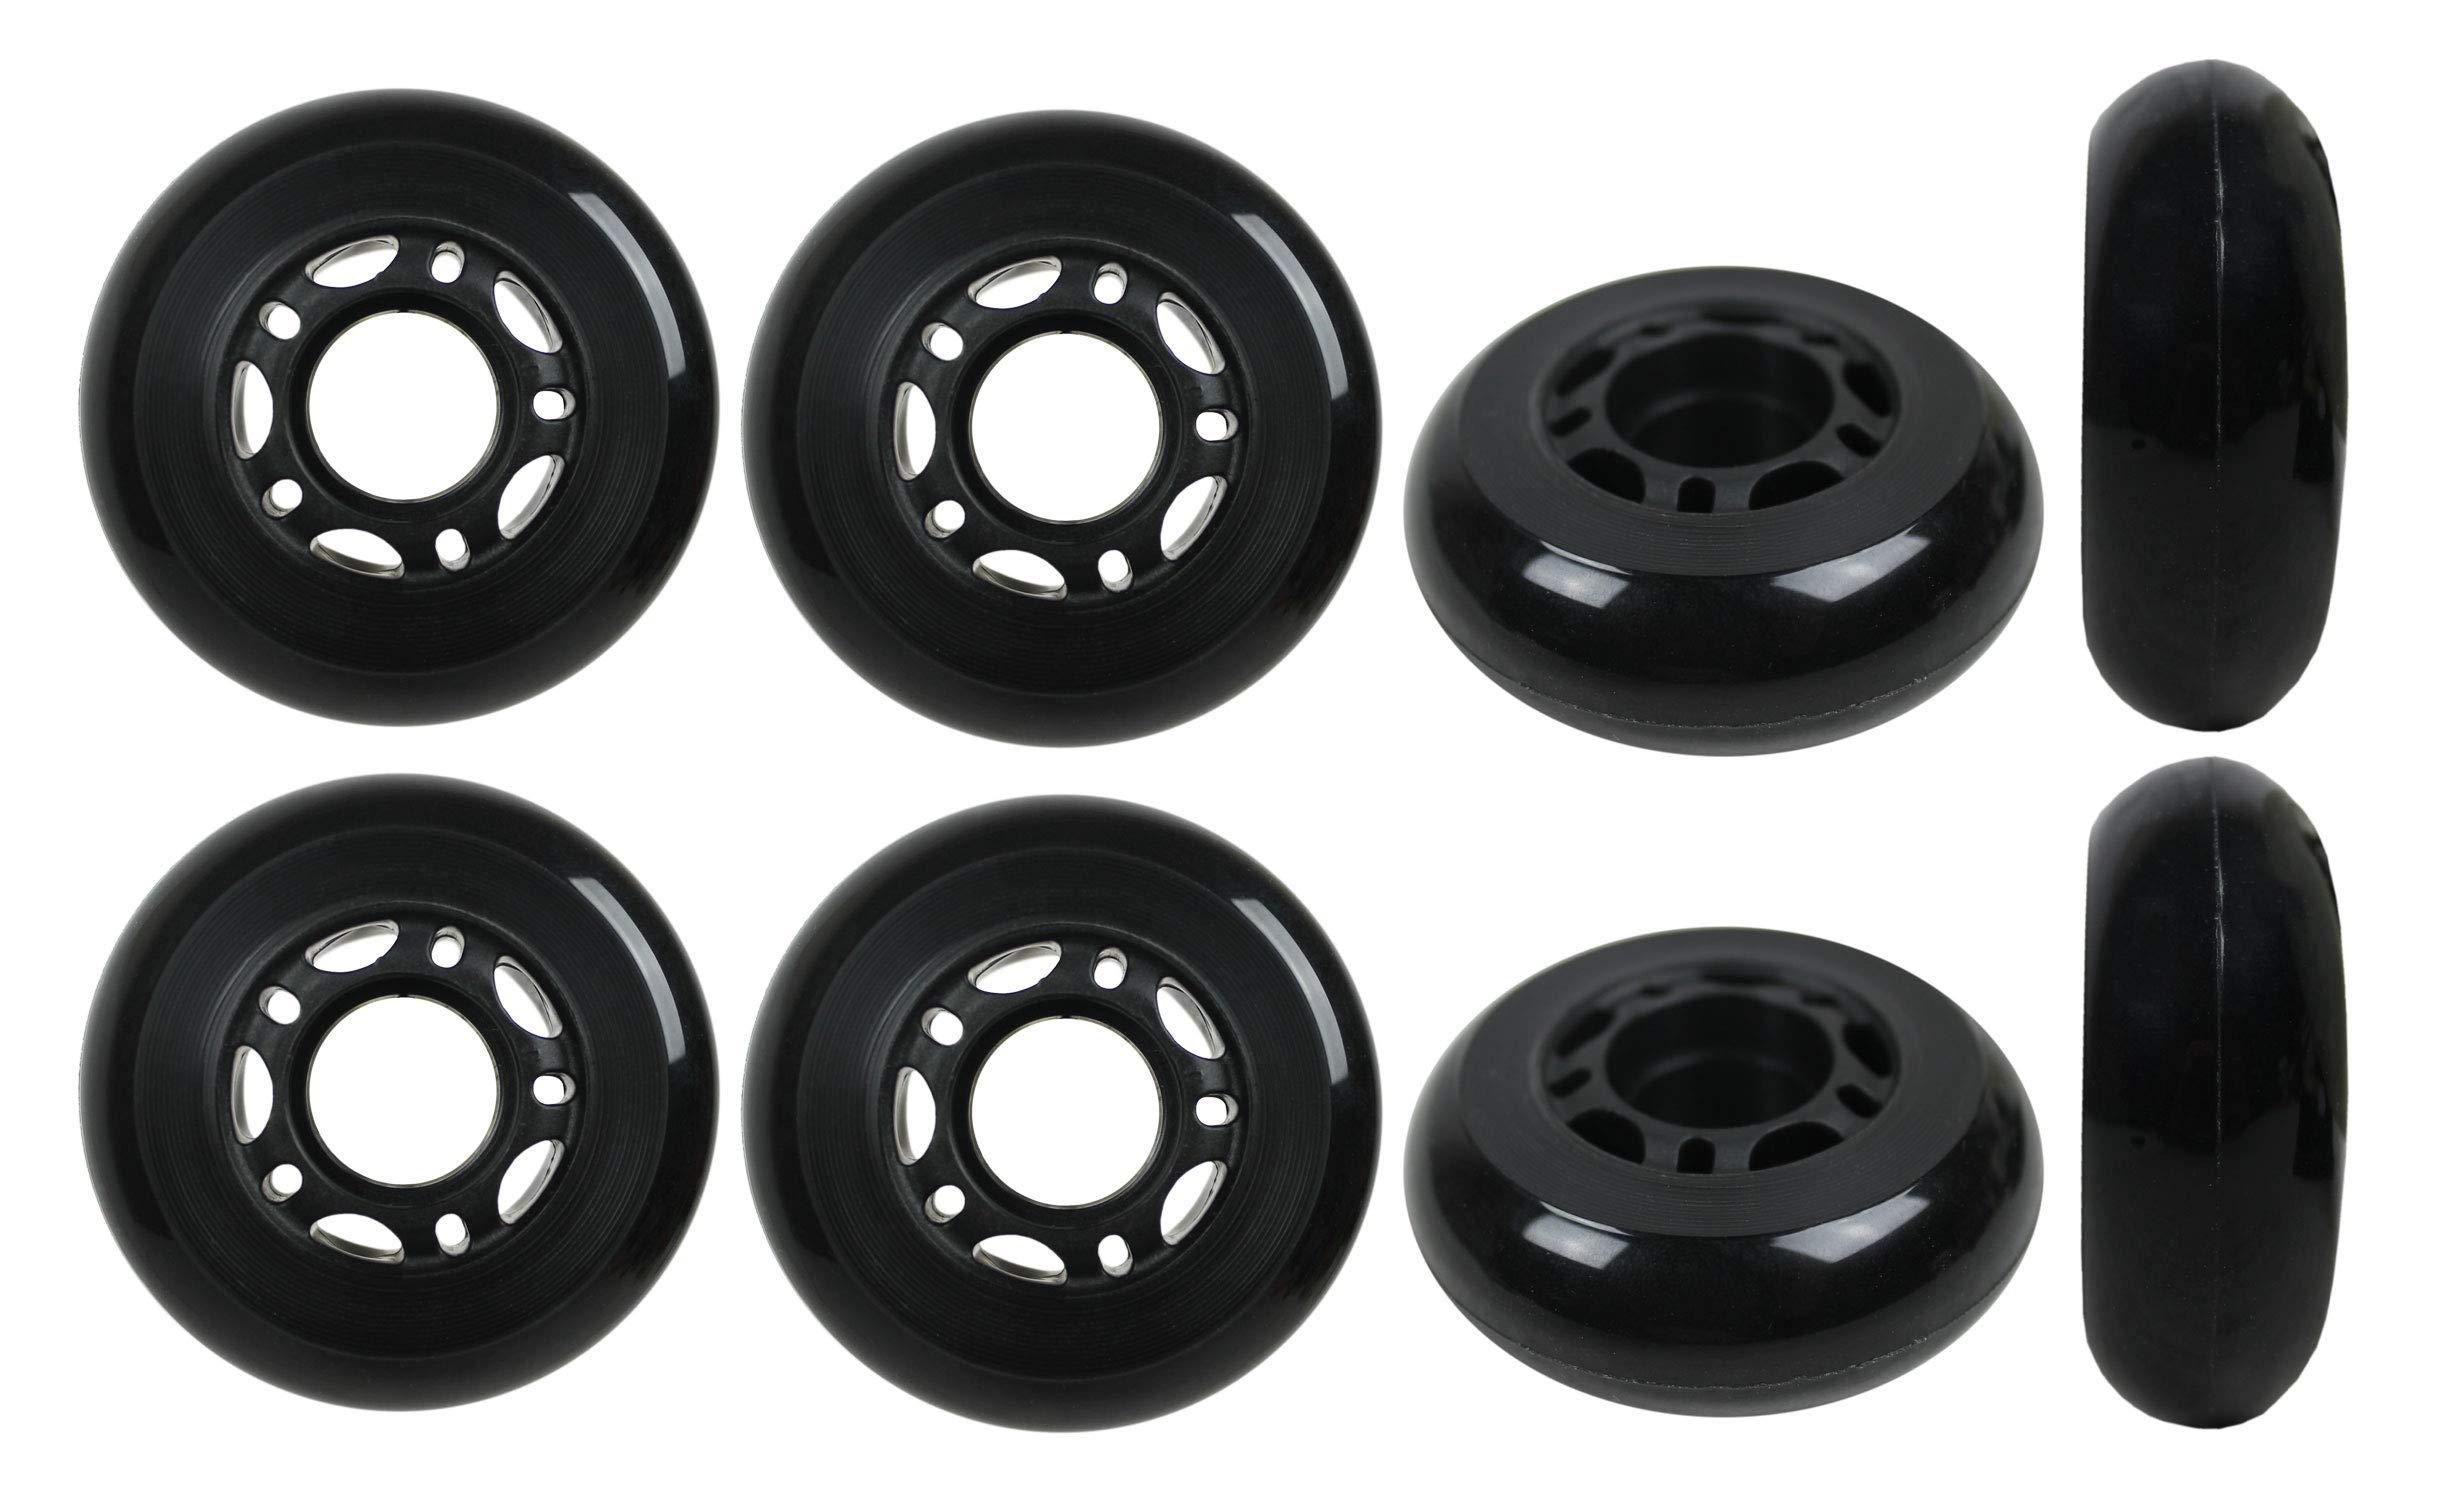 Ruedas de patines en línea KSS 64 mm 82A con buje de 5 radios (paquete de 8), 64 mm, negro / gris / rojo